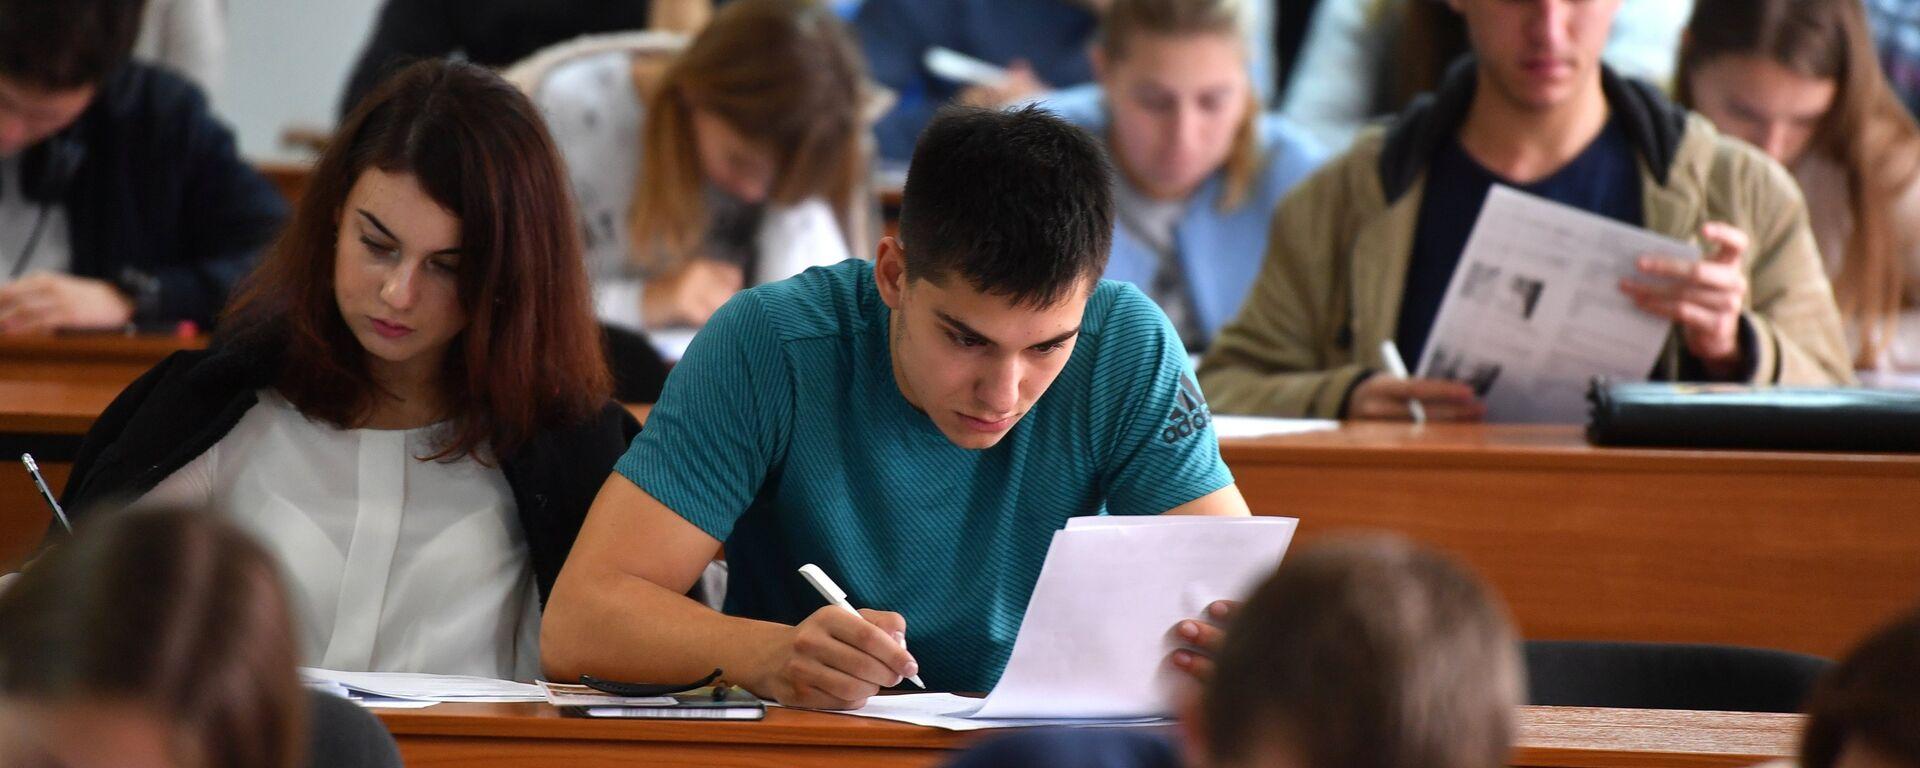 Студенты на лекции - Sputnik Абхазия, 1920, 05.08.2021